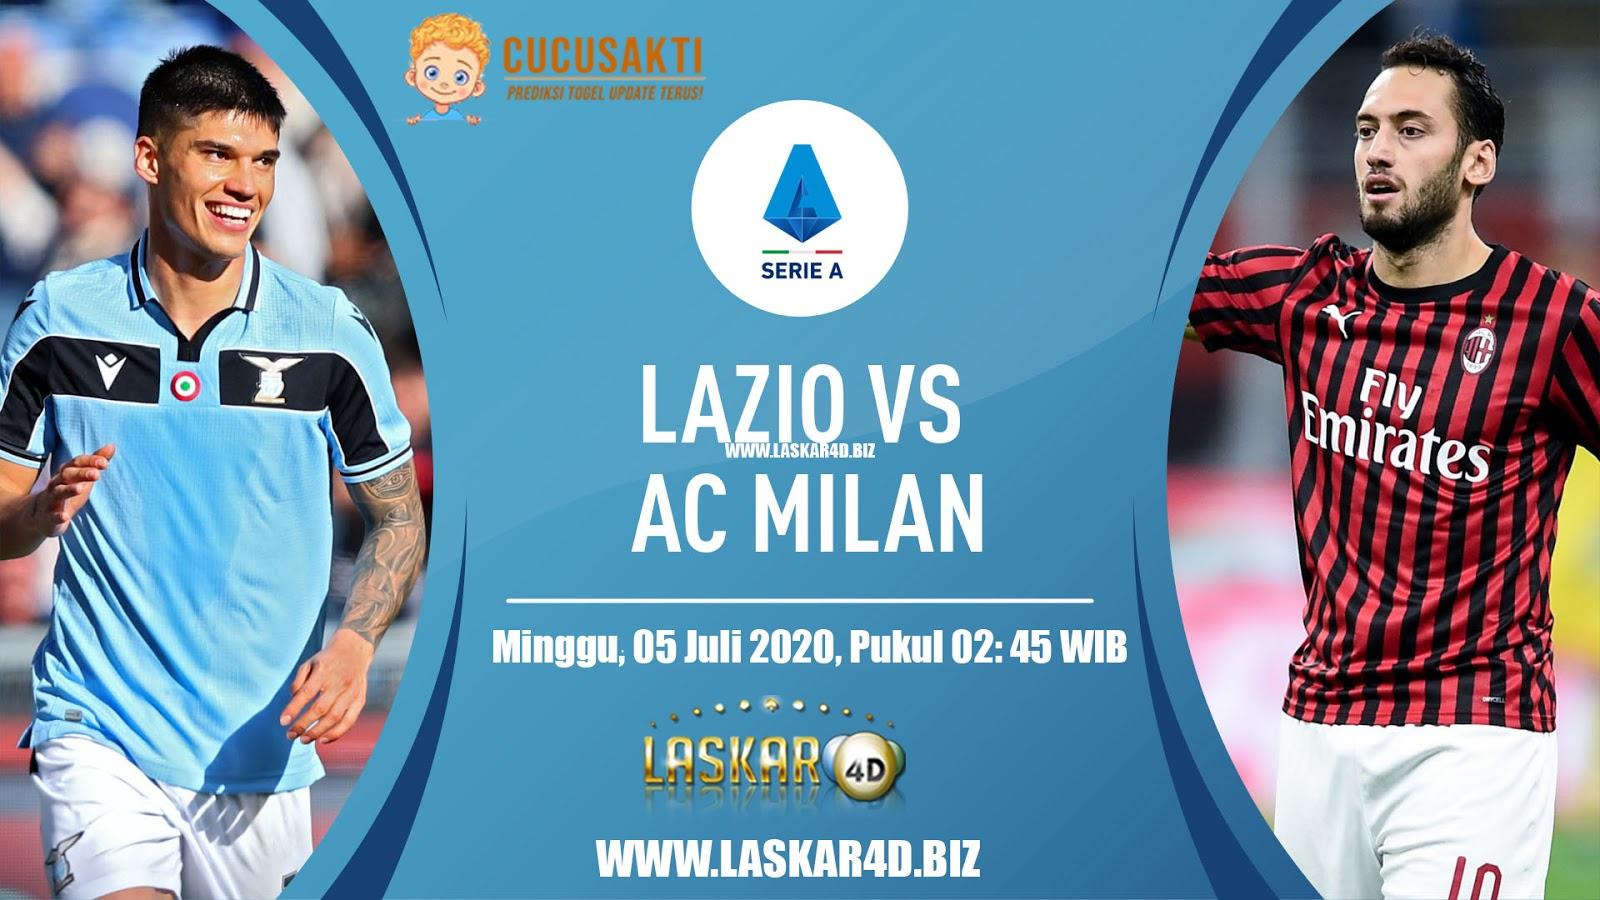 Prediksi Bola Lazio vs AC MIlan, Minggu 05 Juli 2020